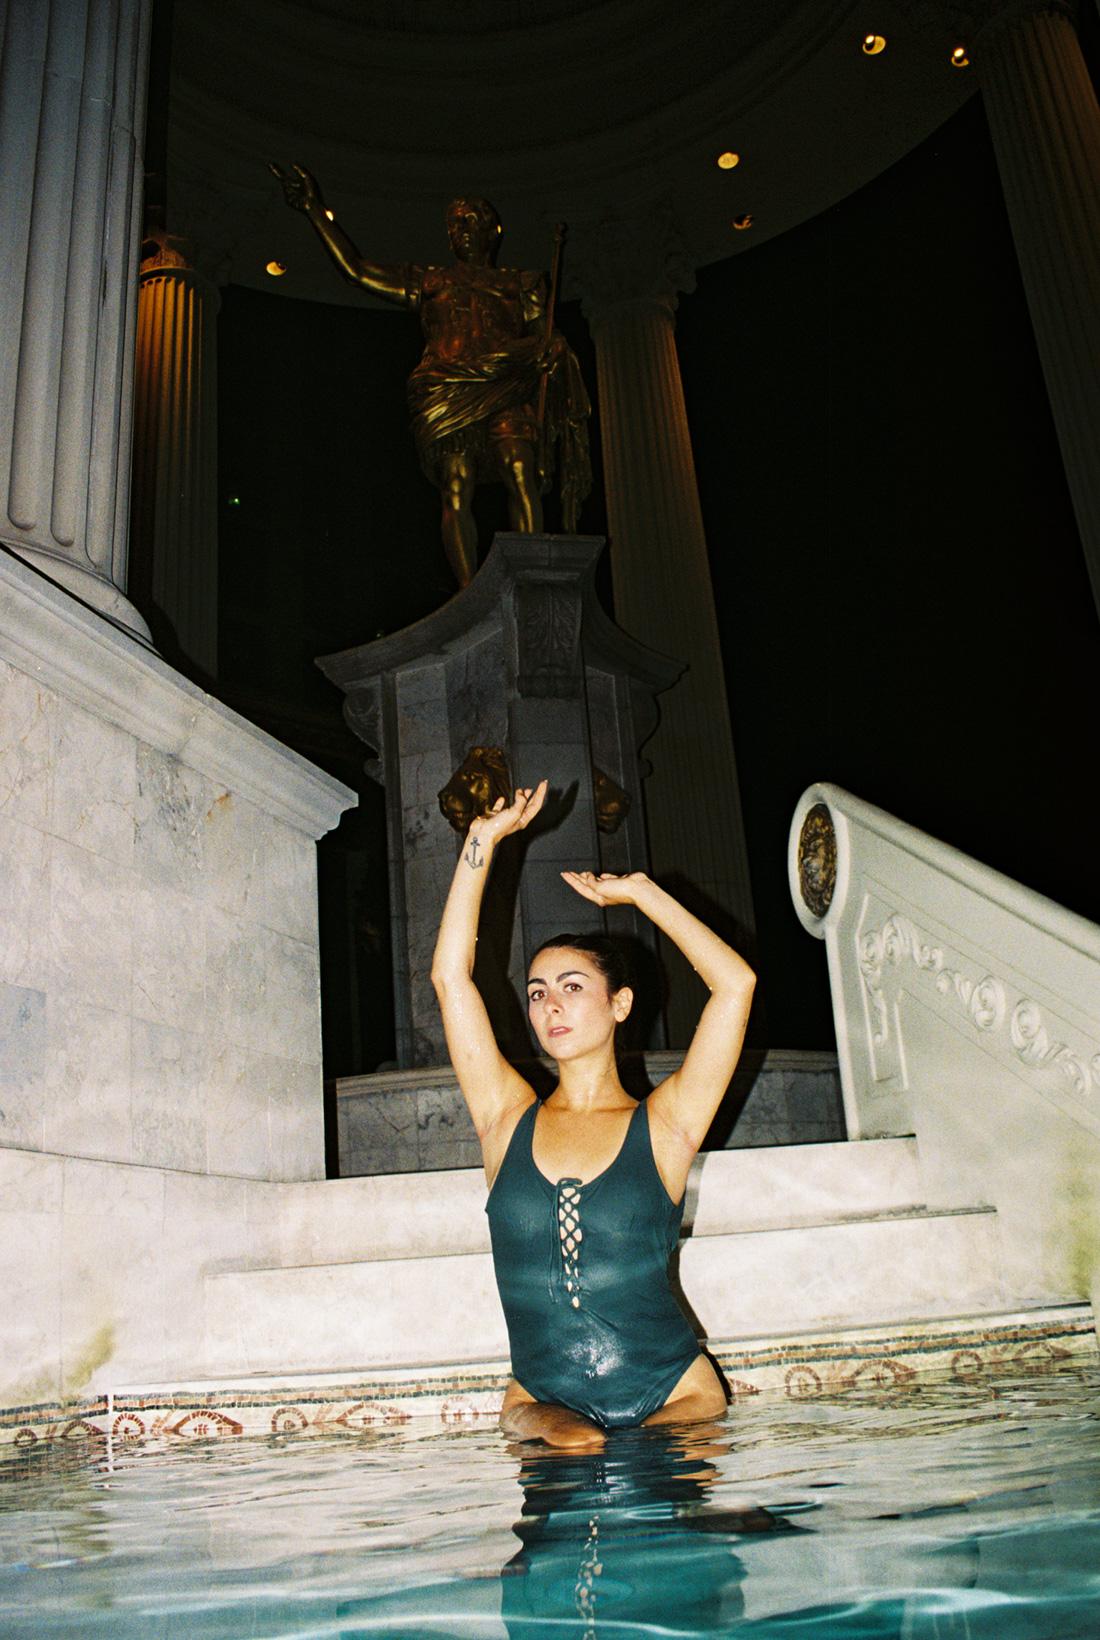 Cara at an empty Caesars Palace pool